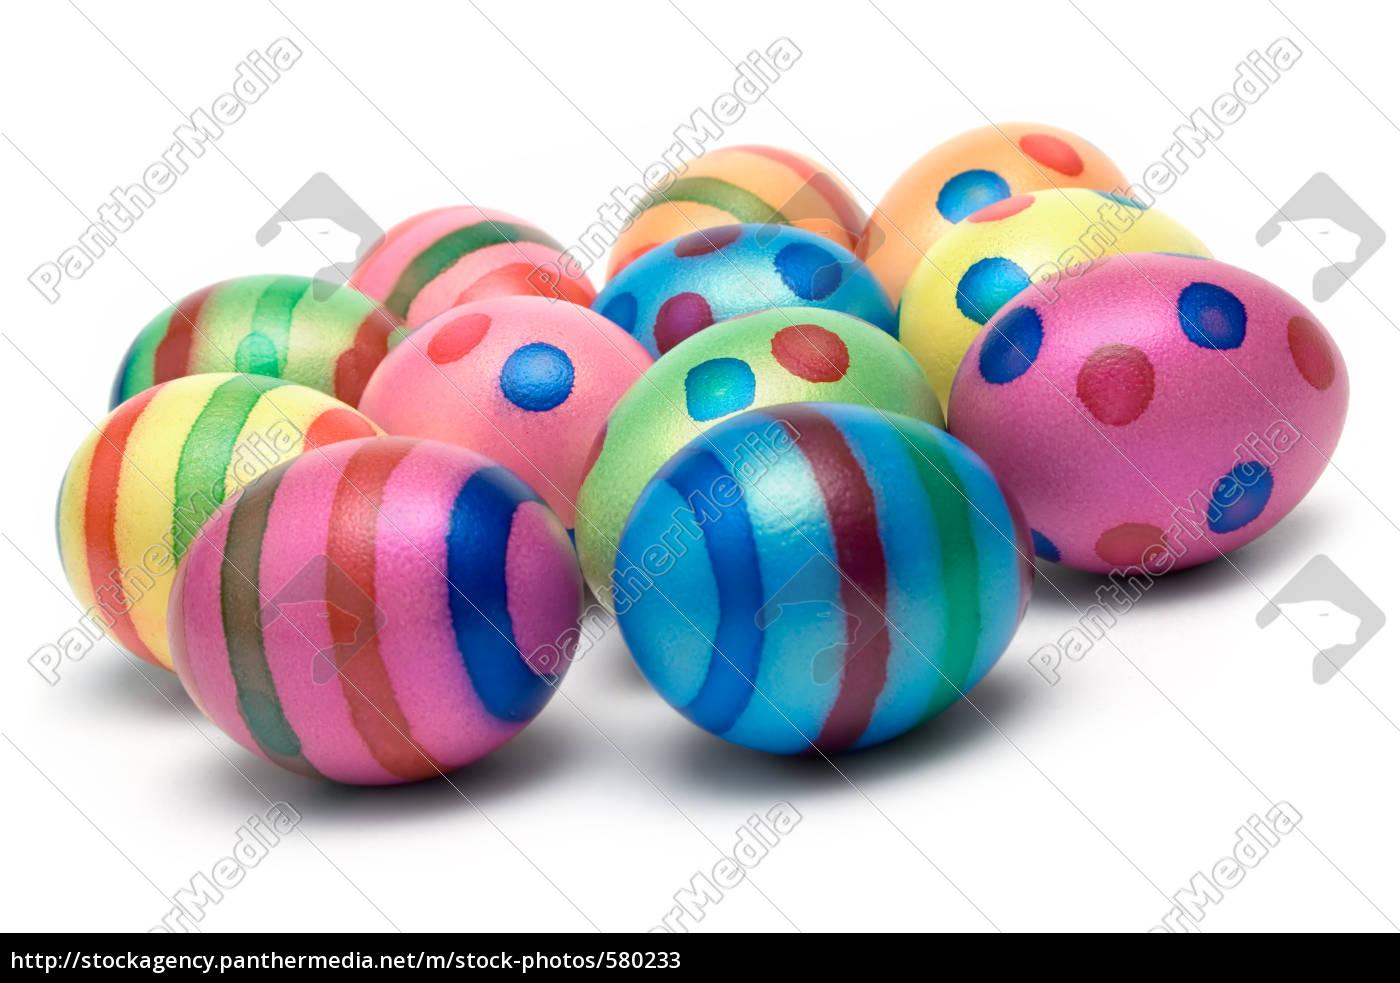 easter, eggs - 580233